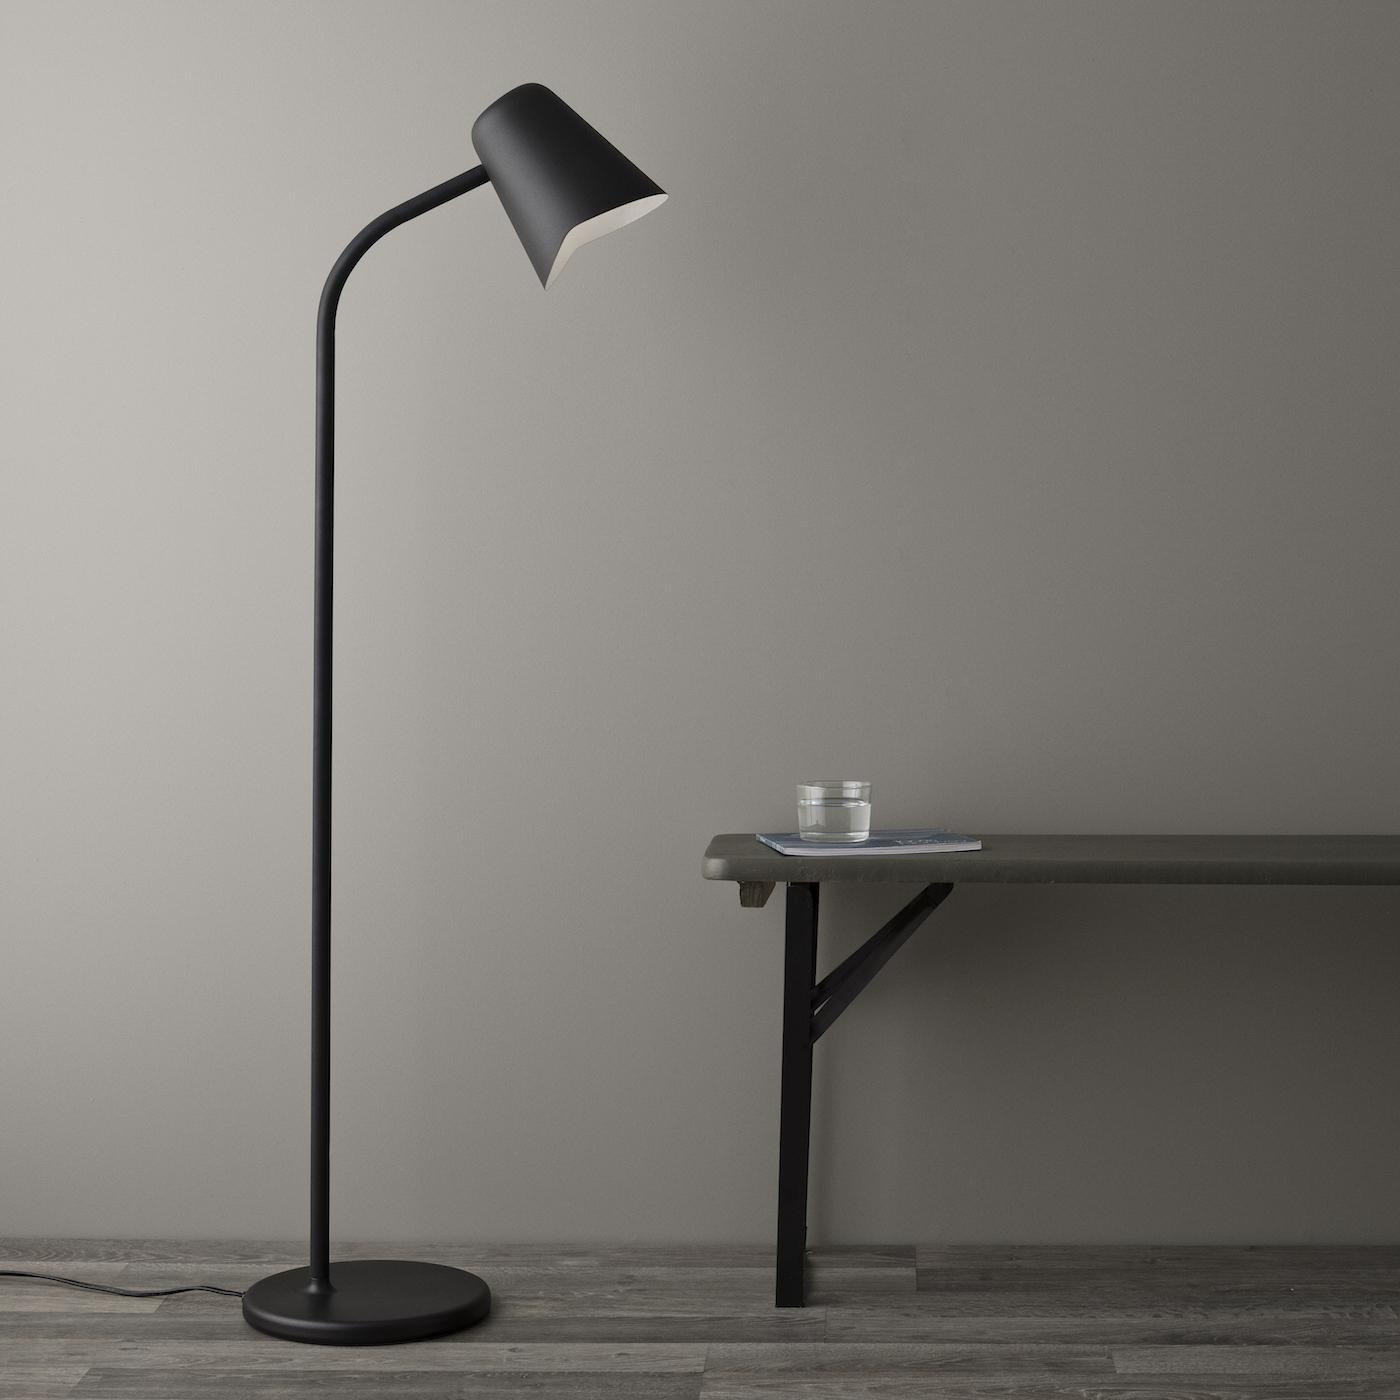 Northern lighting lampadaire me morten jonas for Scandic design